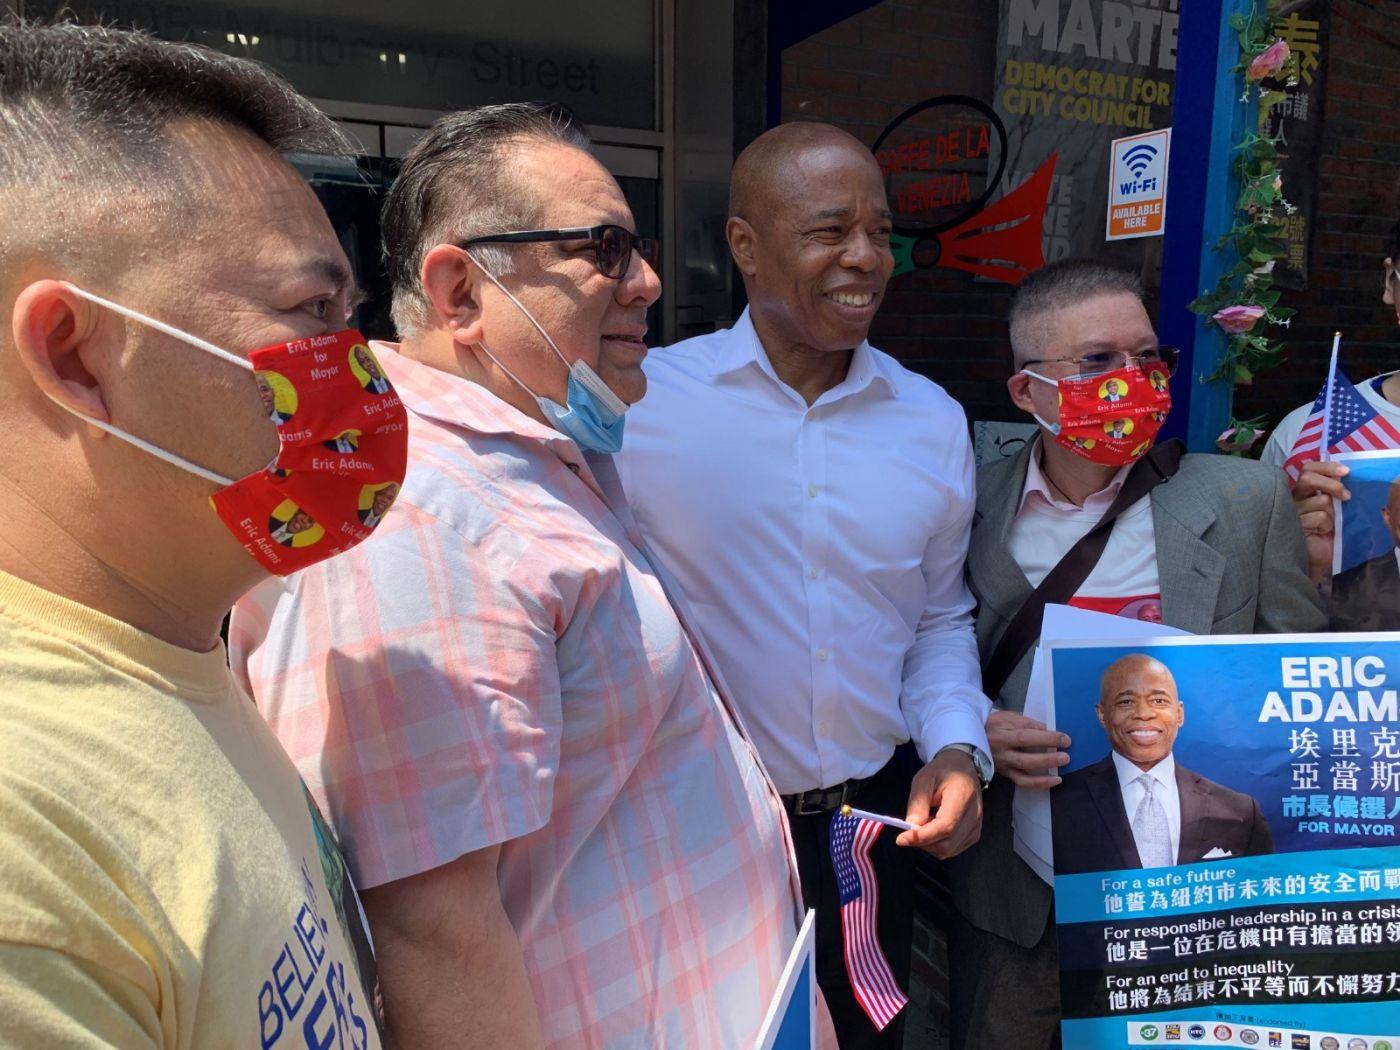 高娓娓:纽约市长竞选人亚当斯拜访唐人街社区民众_图1-11